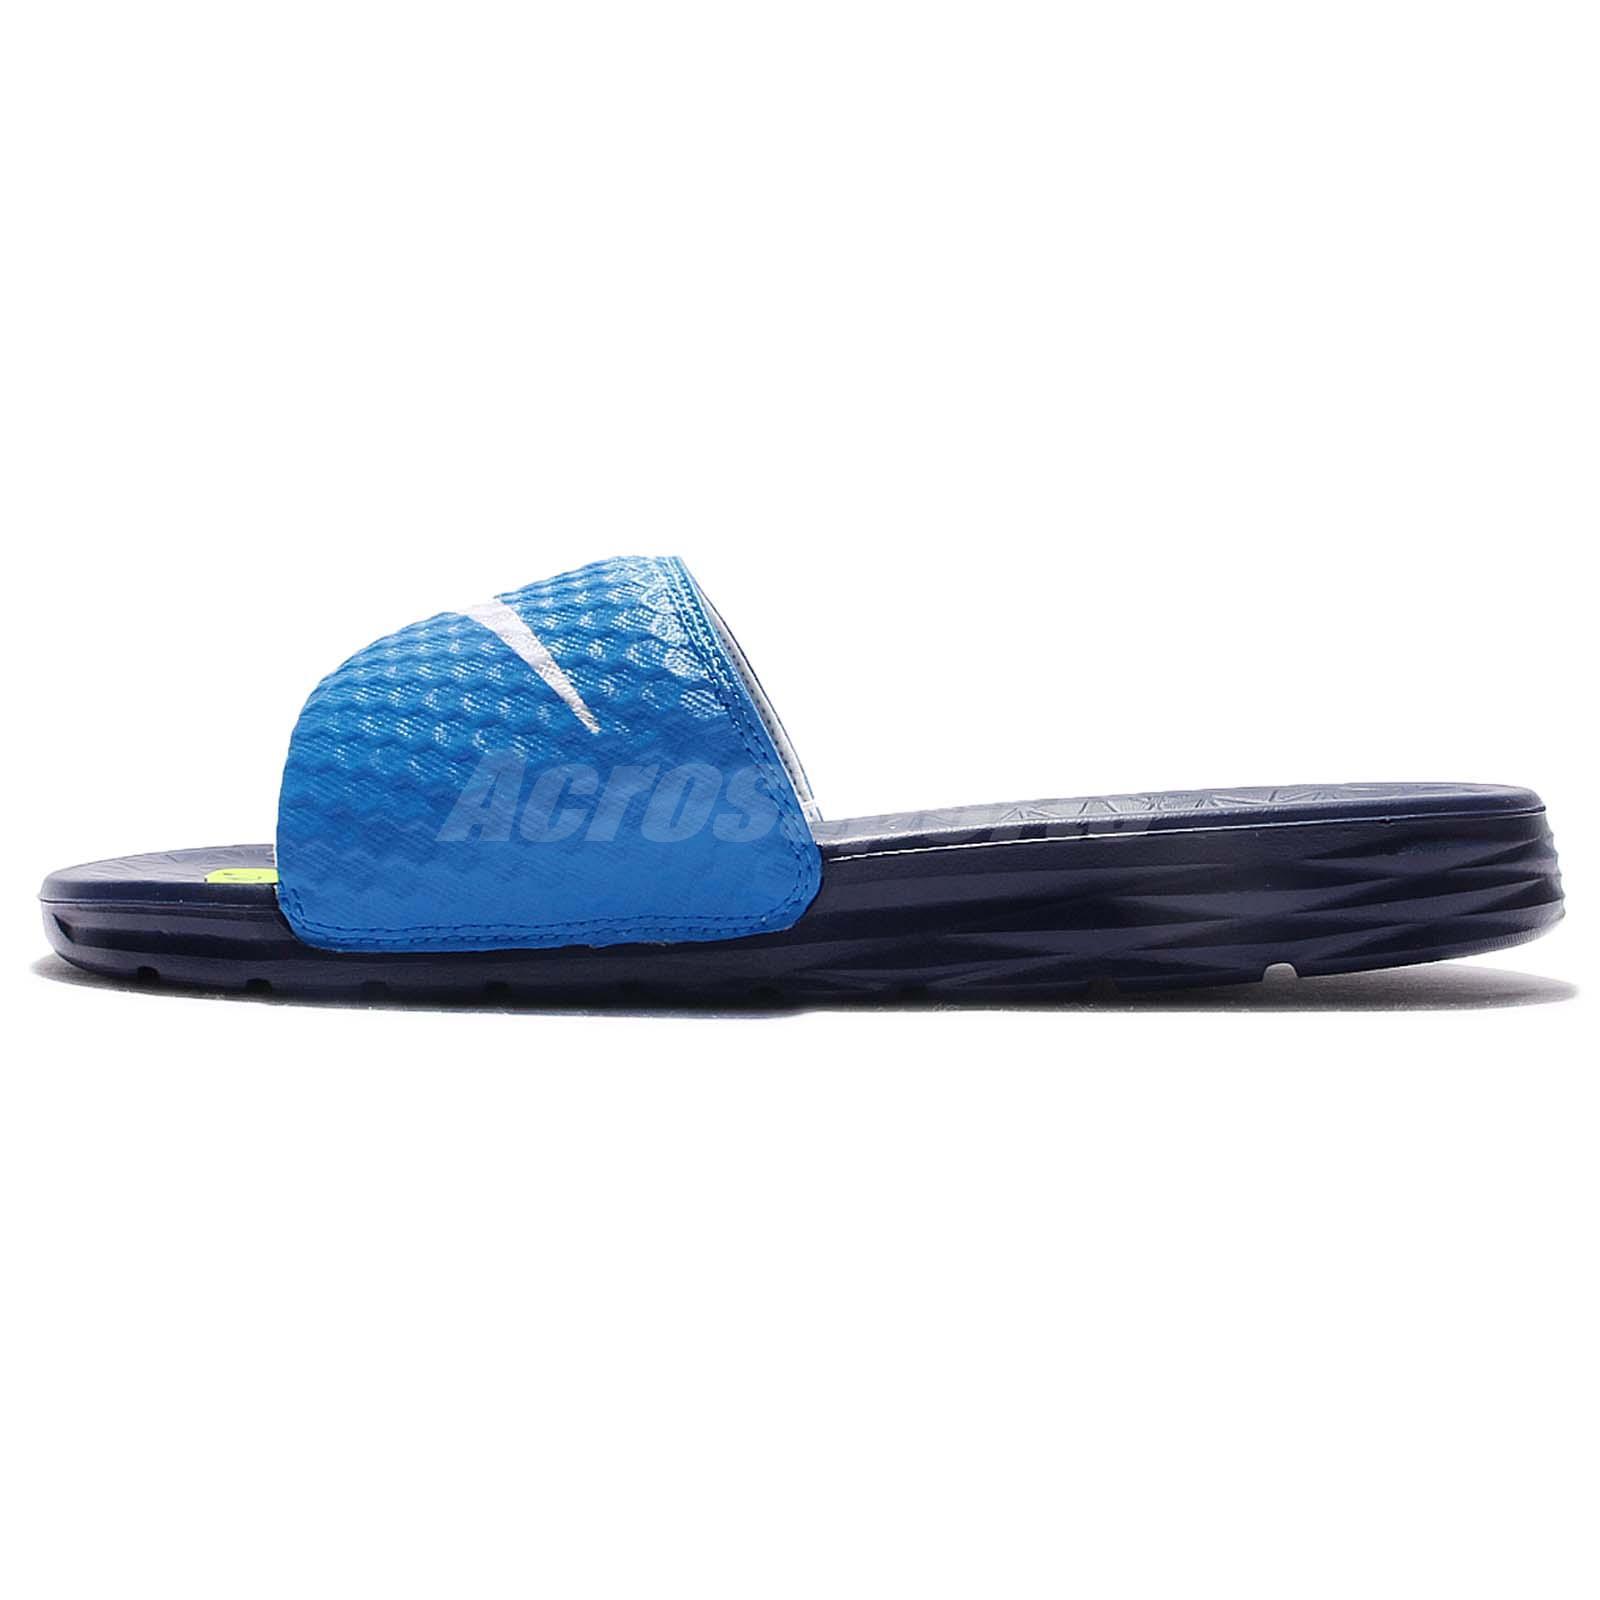 4b9a4e98ca2242 Nike Benassi Solarsoft Blue White Men Sandal Slide Slippers 705474 ...